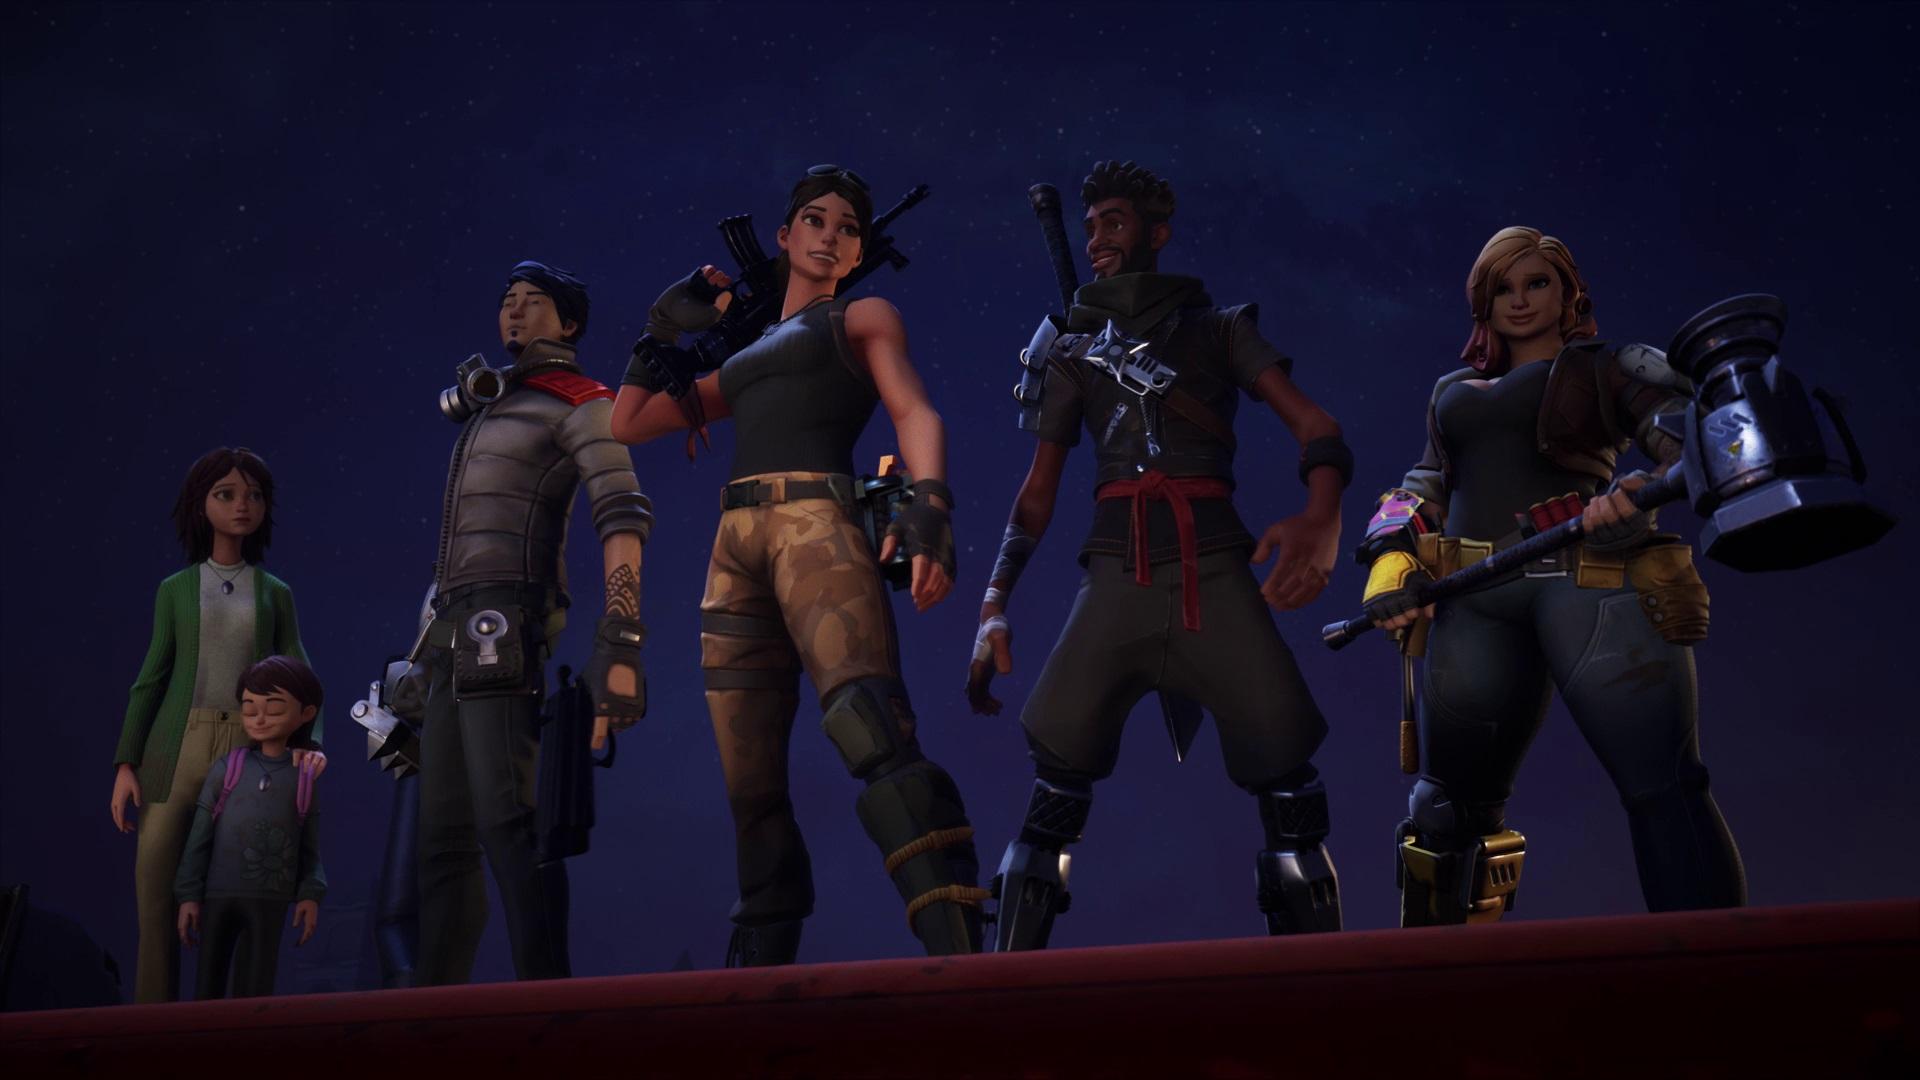 findet die passende helden klassen fur euch - fortnite rette die welt ninja skins